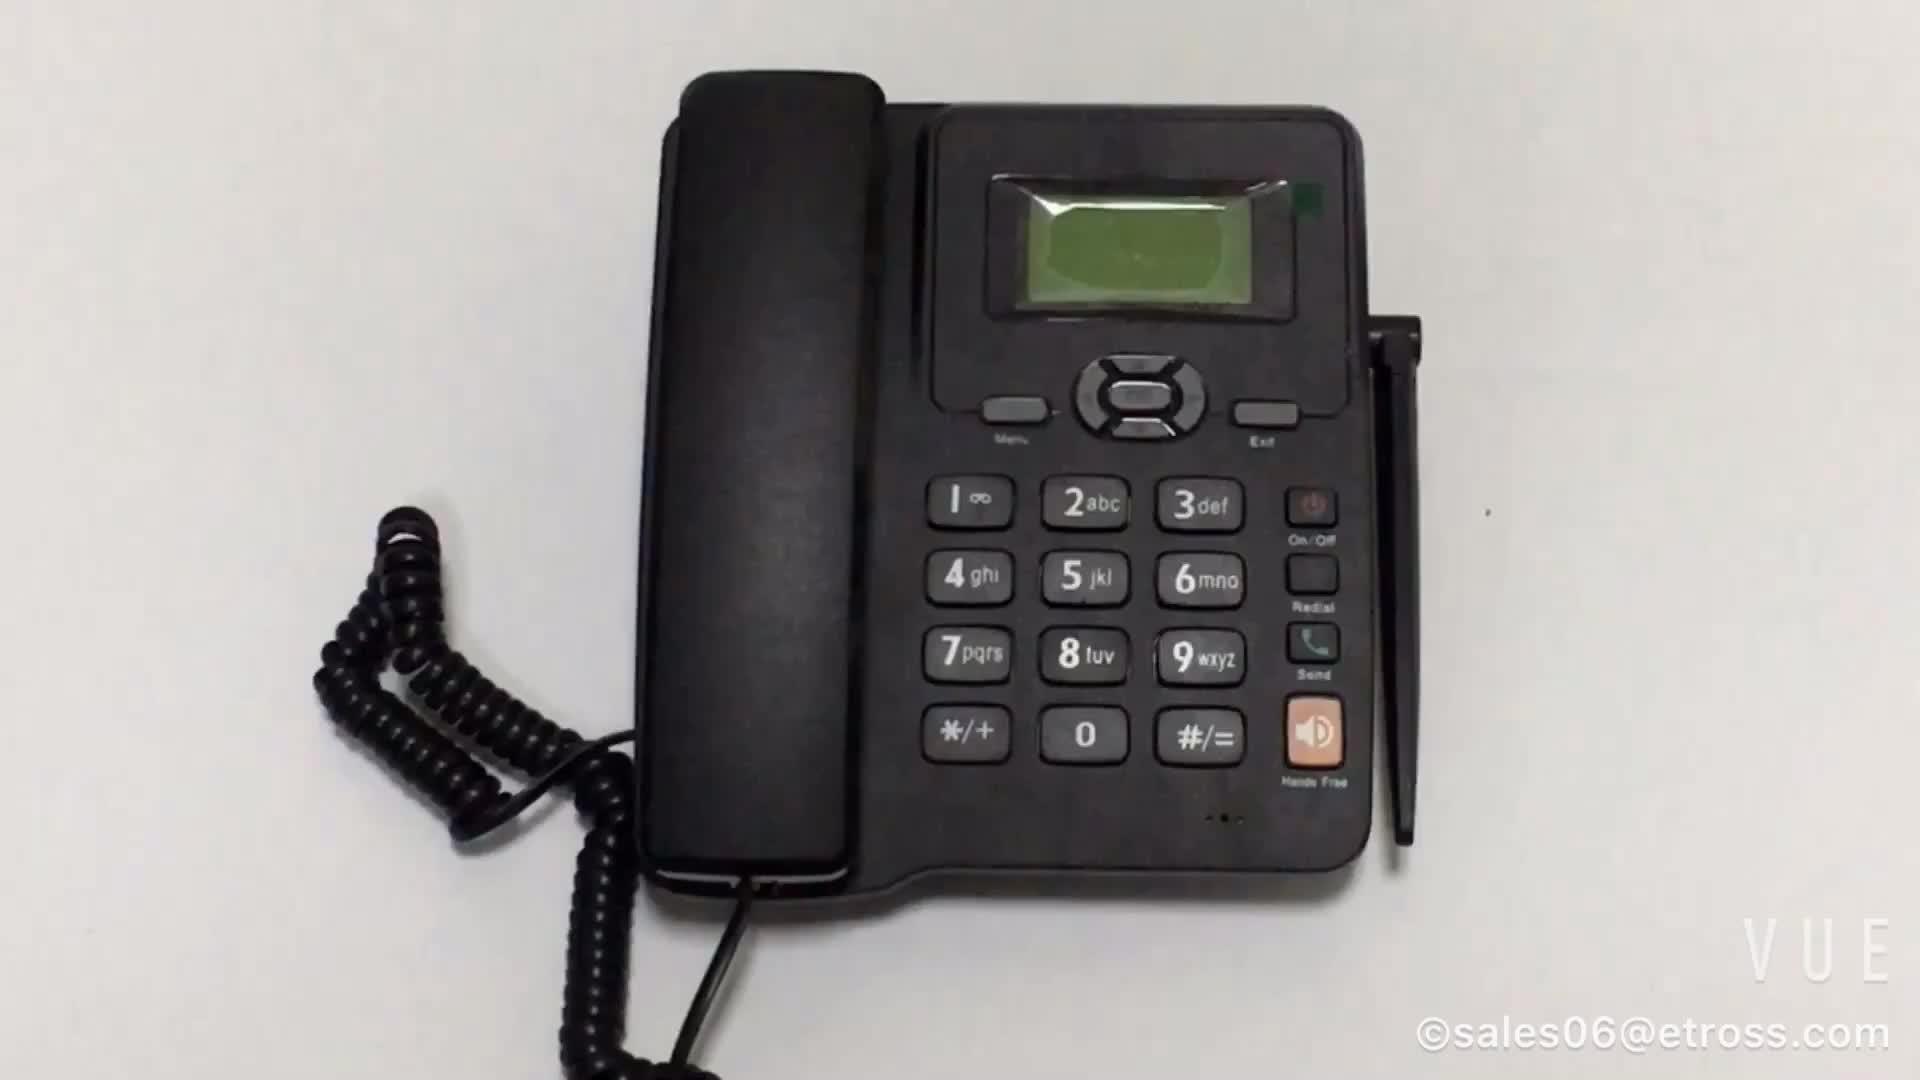 在庫!! シングル sim gsm 固定無線デスク電話テーブル電話電話 fm